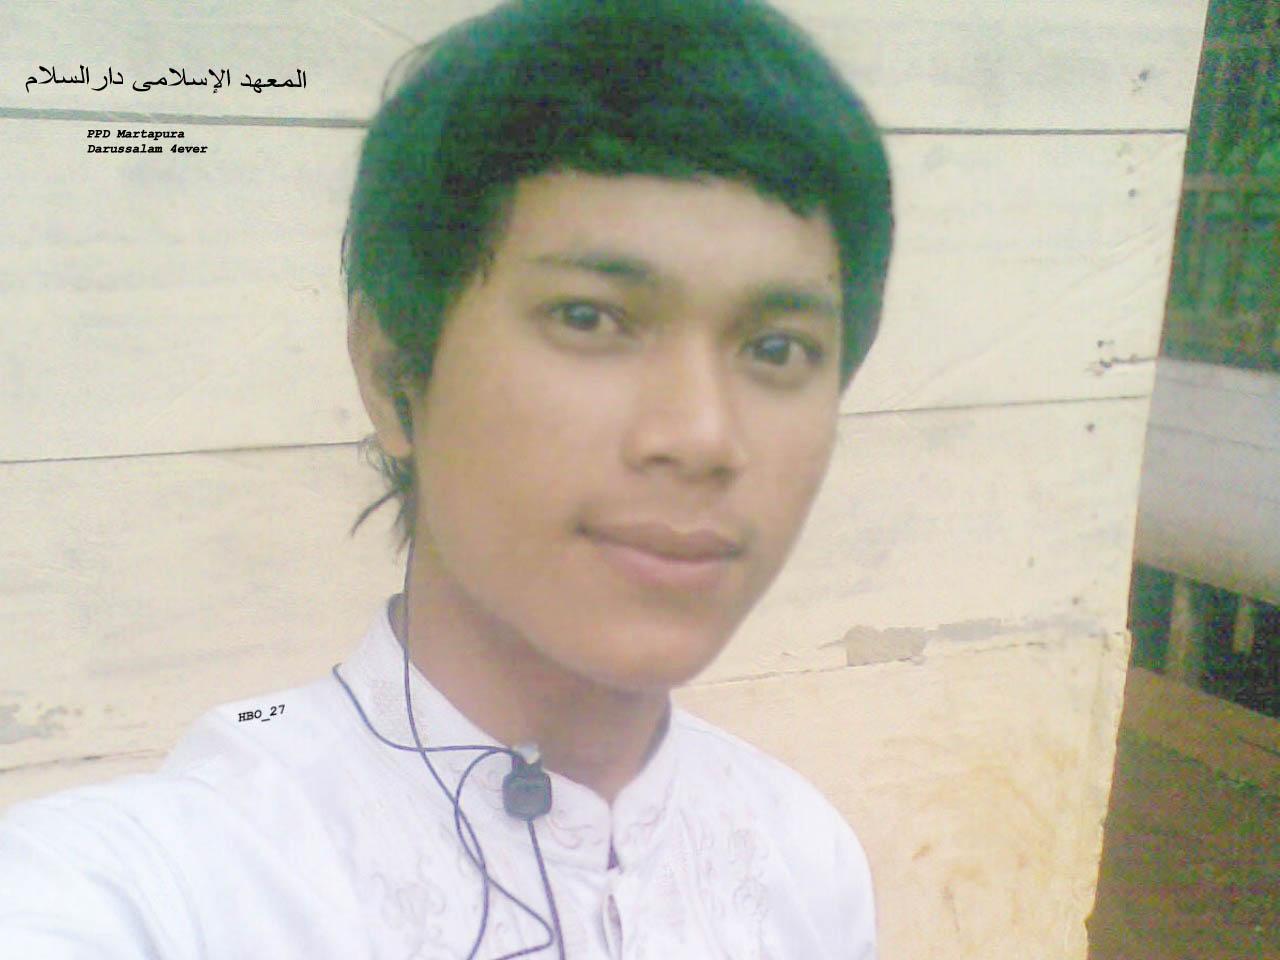 Holwani